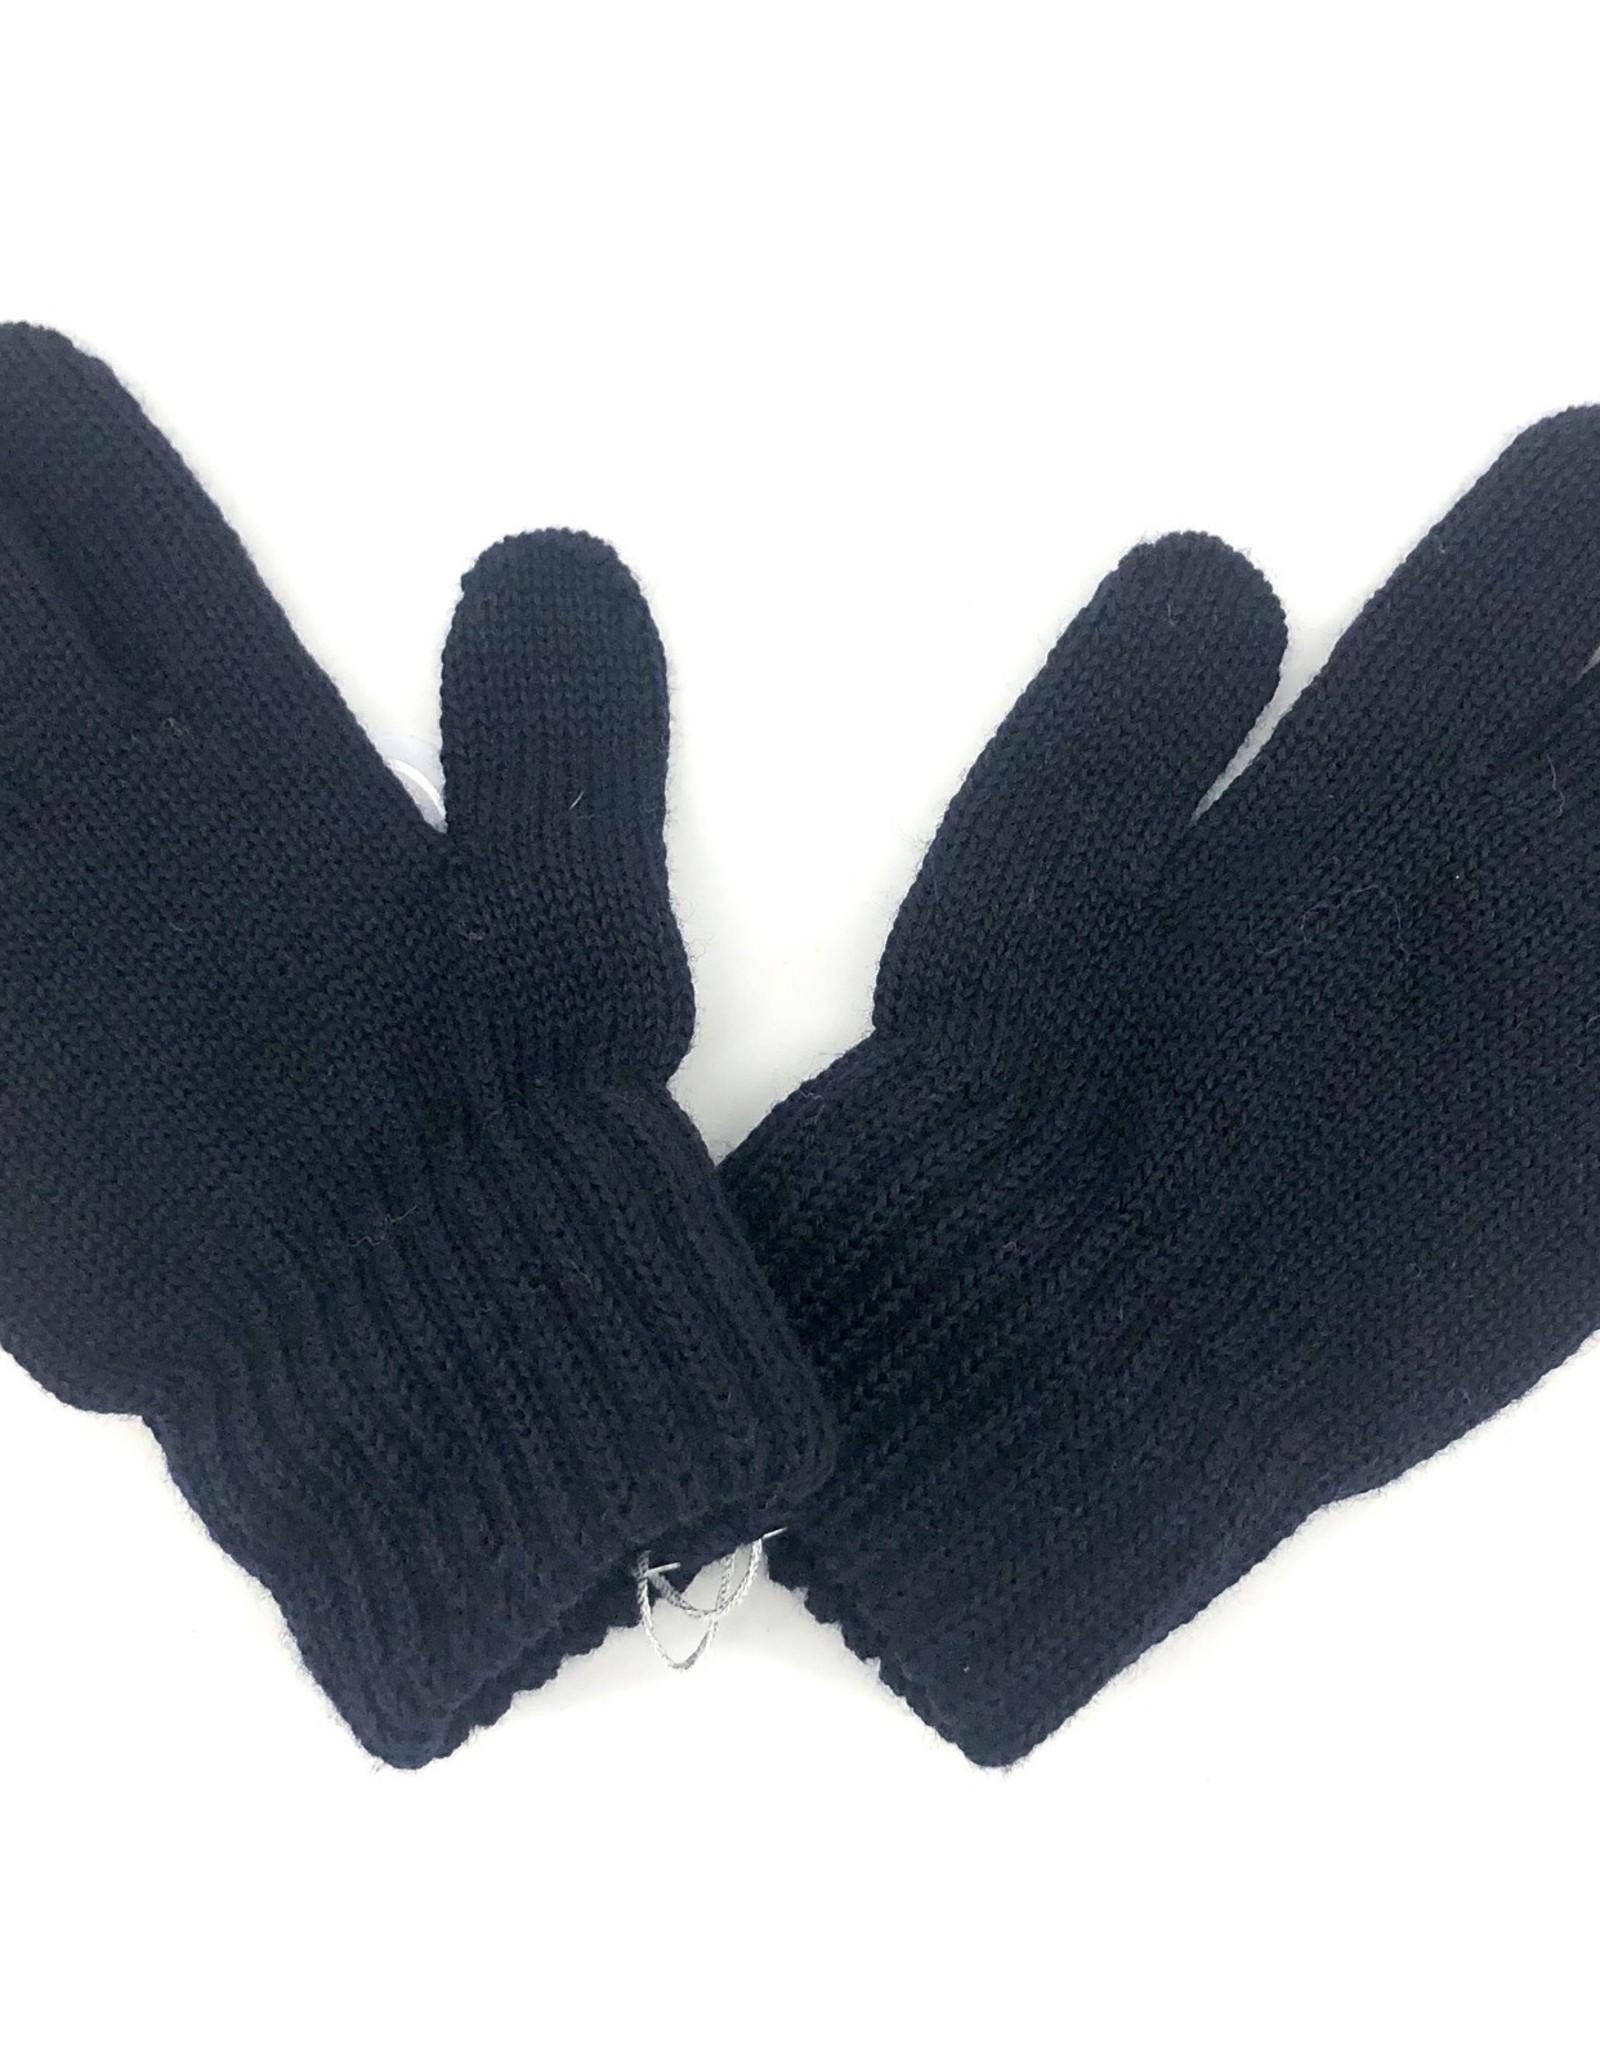 CATYA CATYA Handschoenen blauw